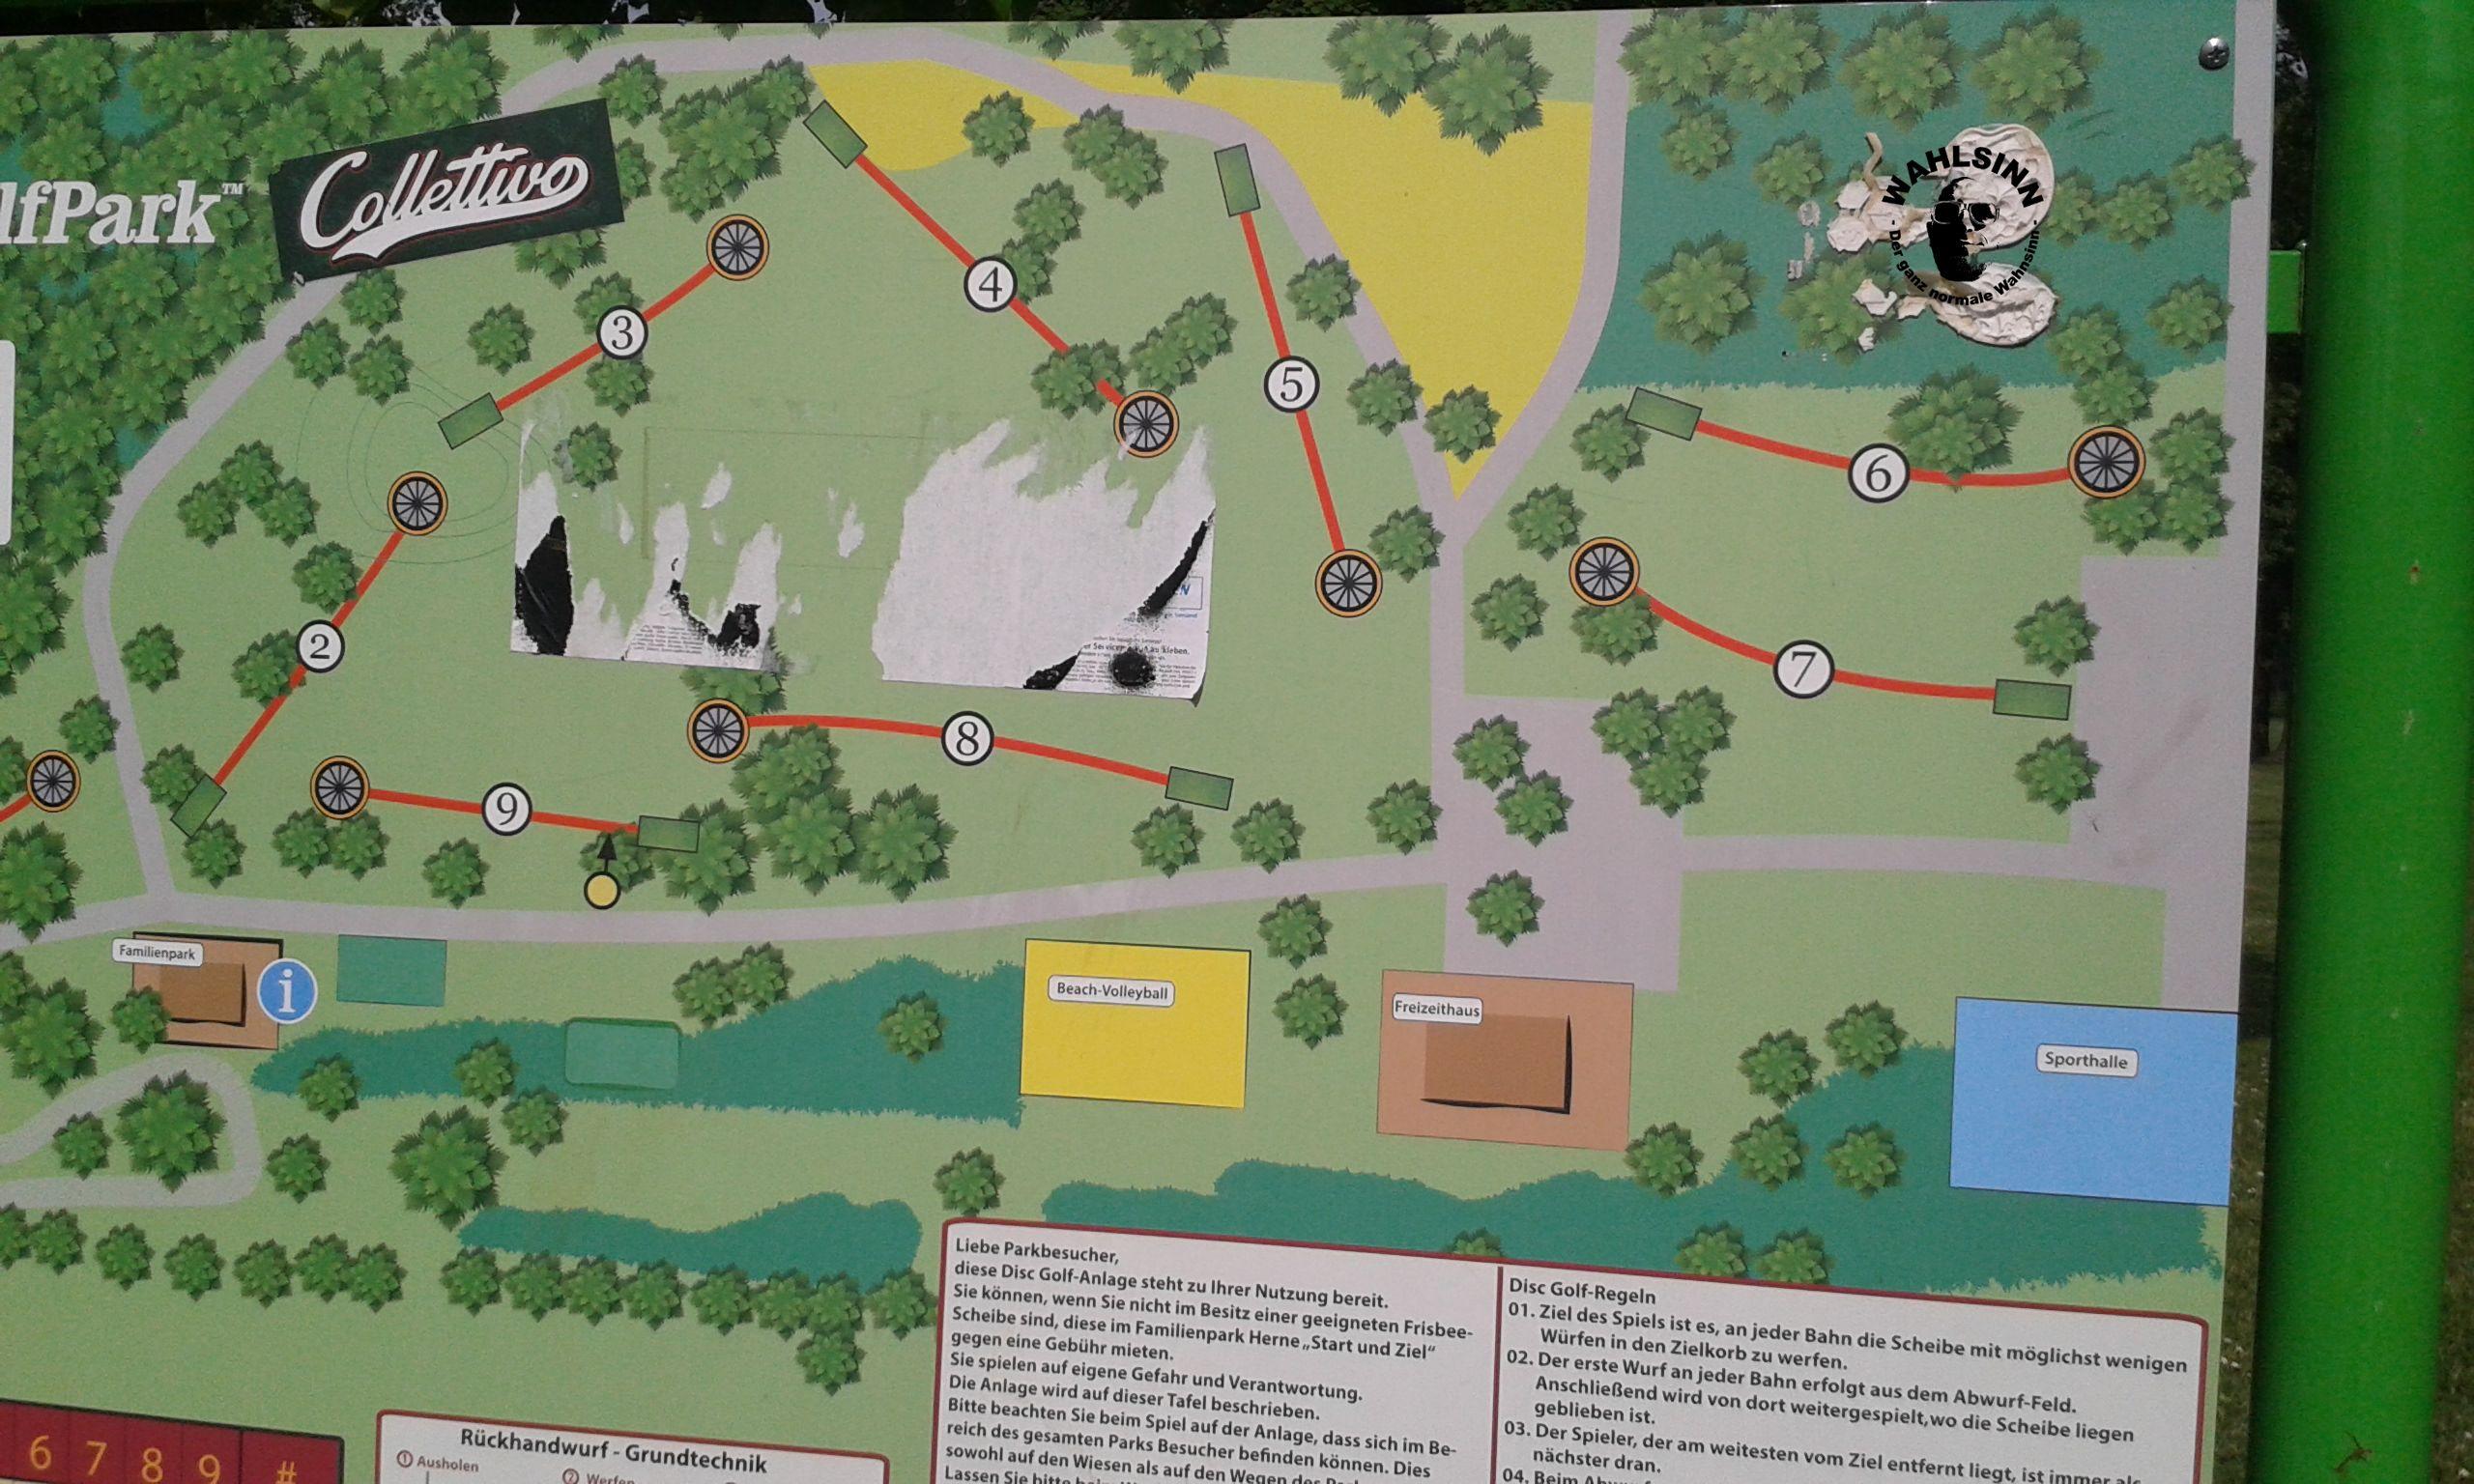 Frisbeegolf - Der Parcours in Herne